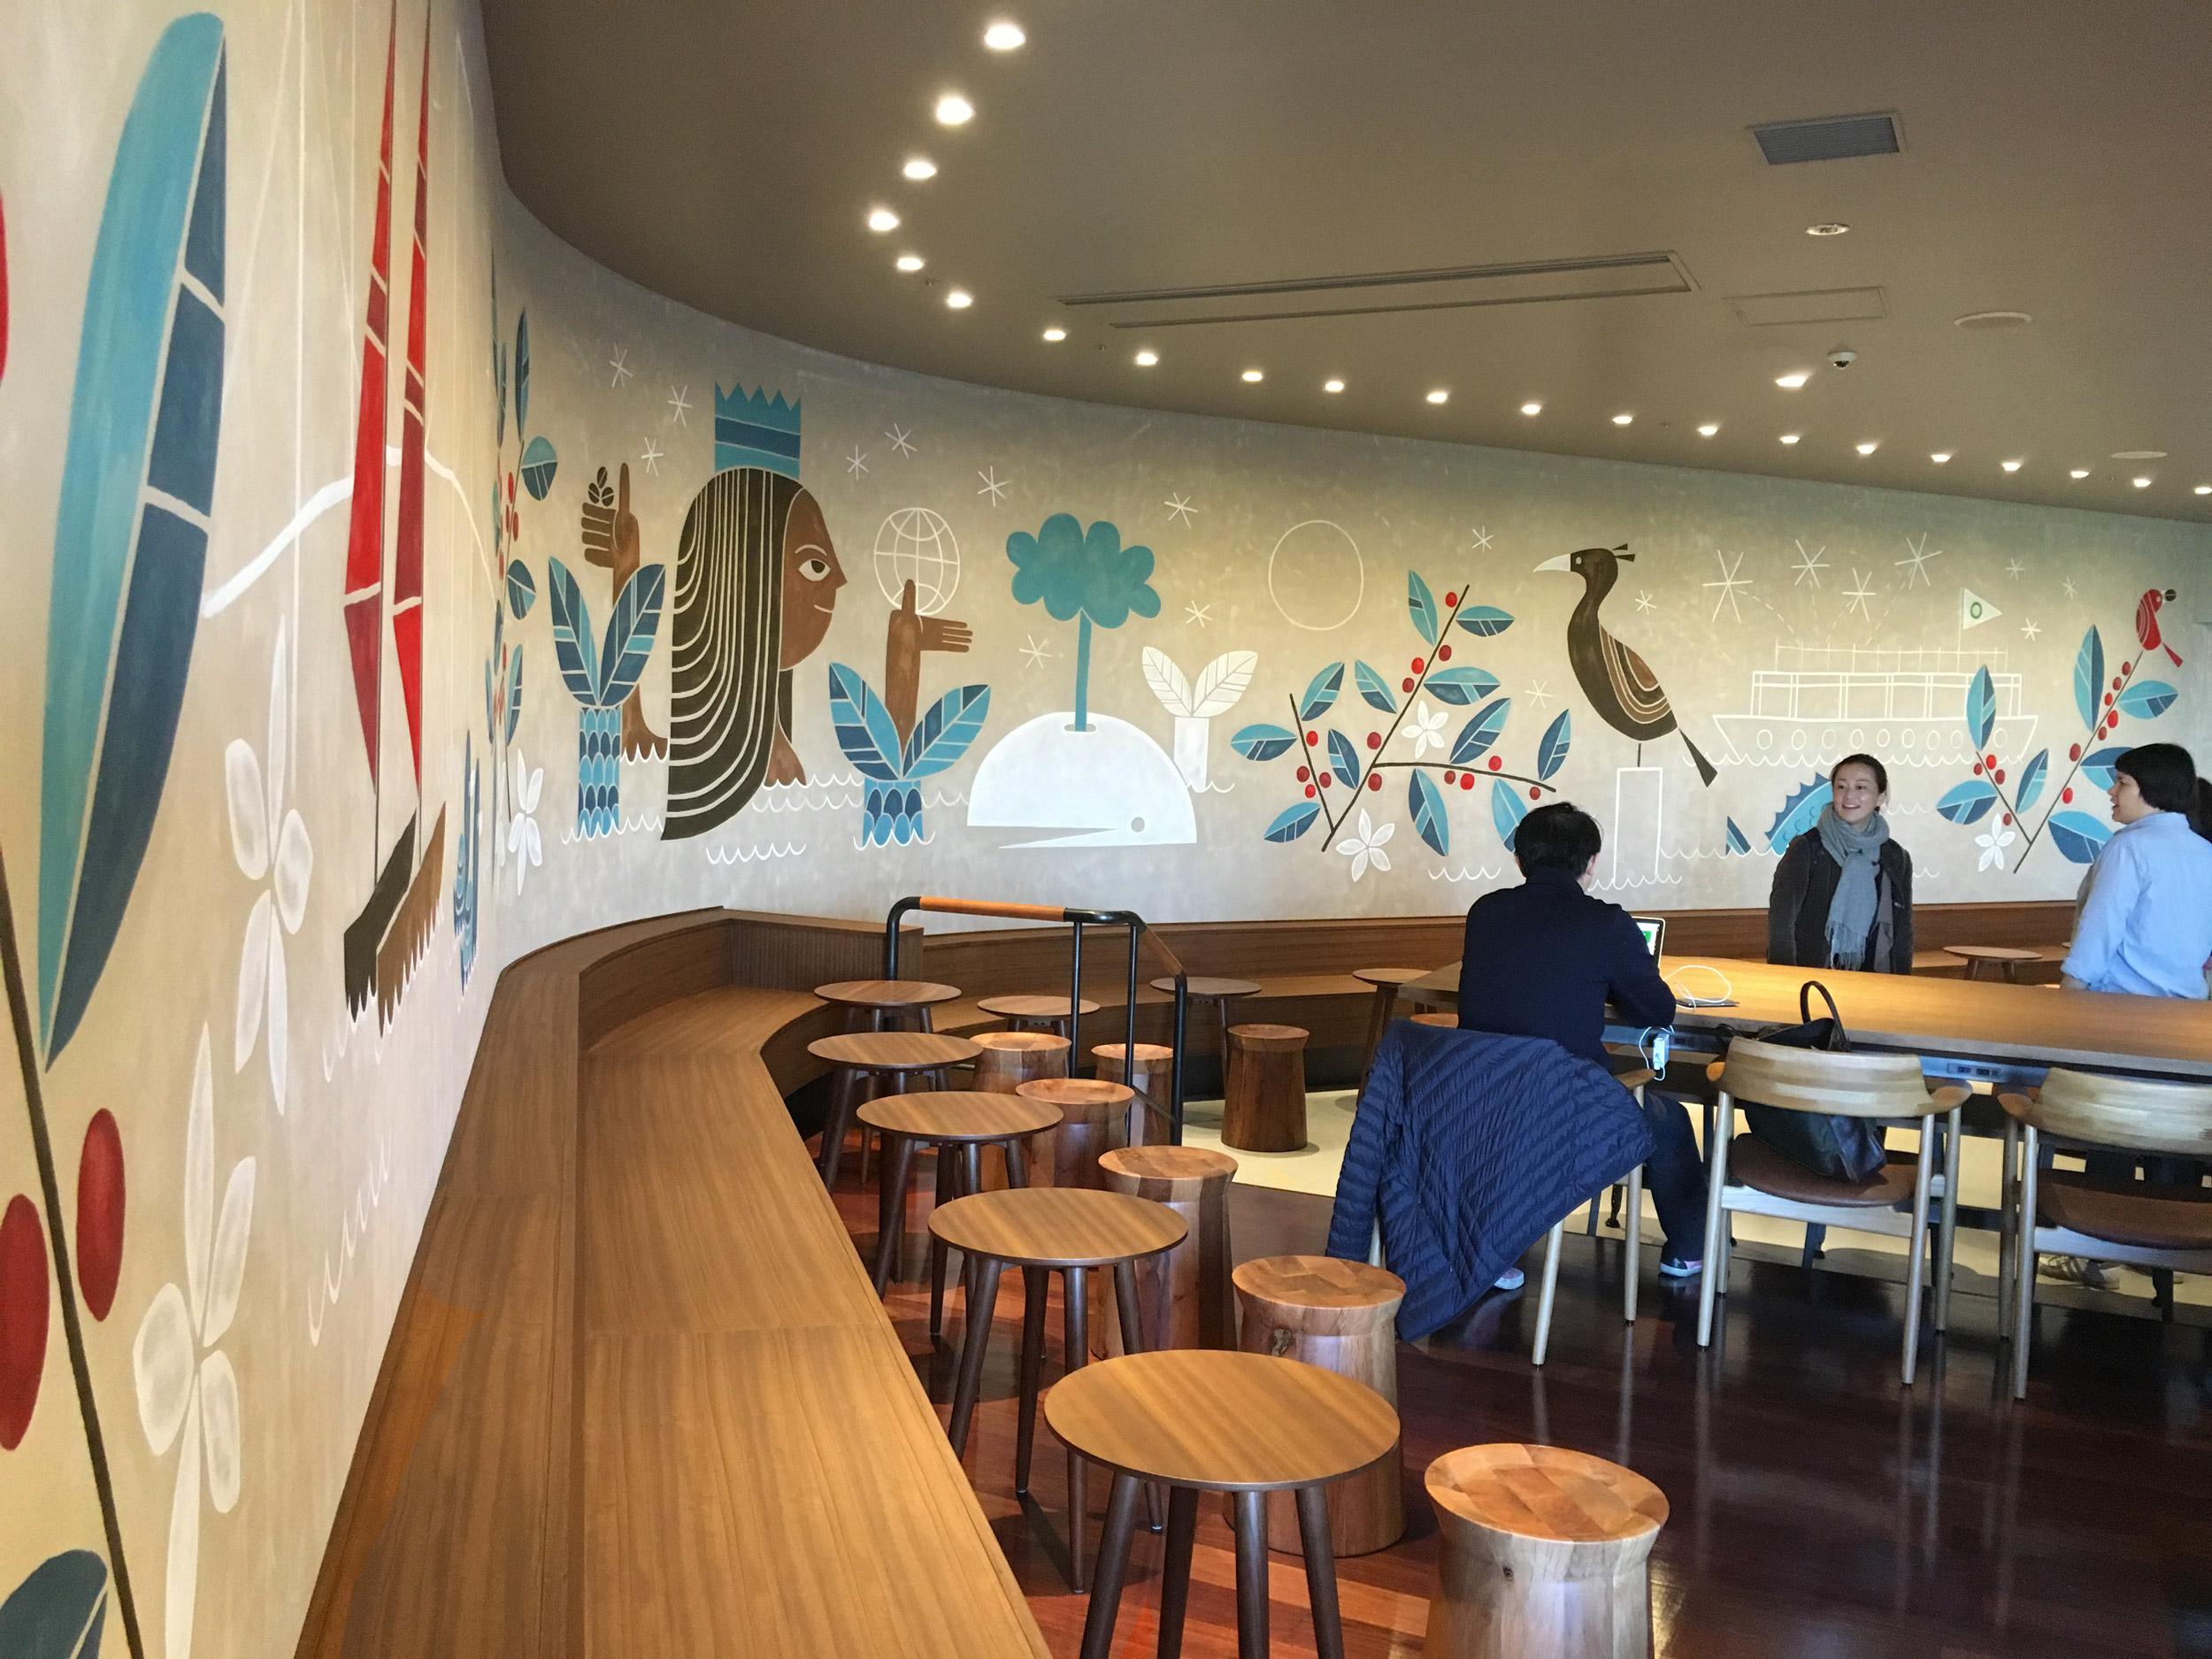 LeDoux_Starbucks_Mural